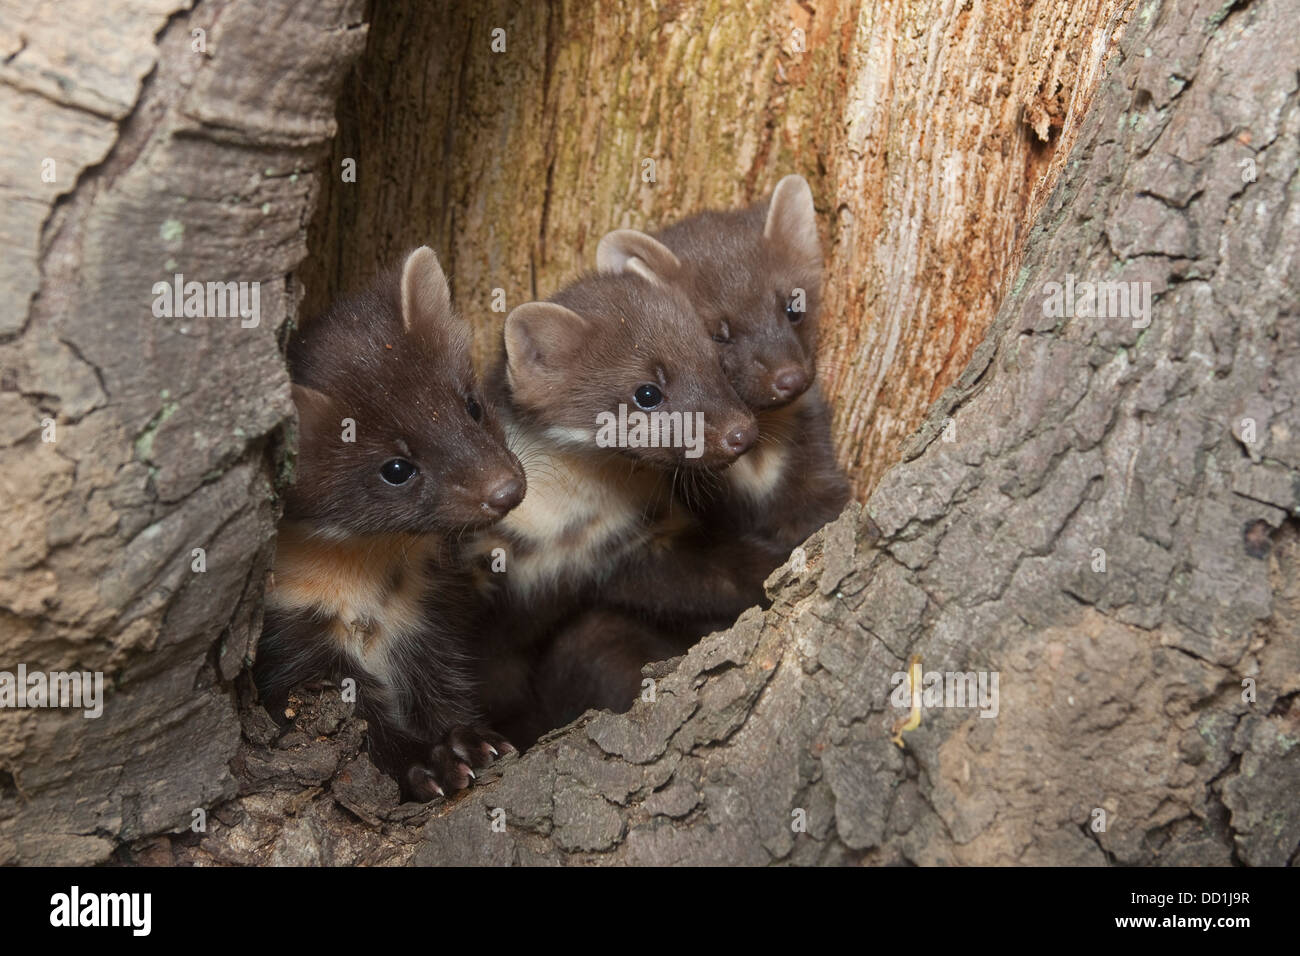 european pine marten baby baummarder tierbaby baum marder stock photo royalty free image